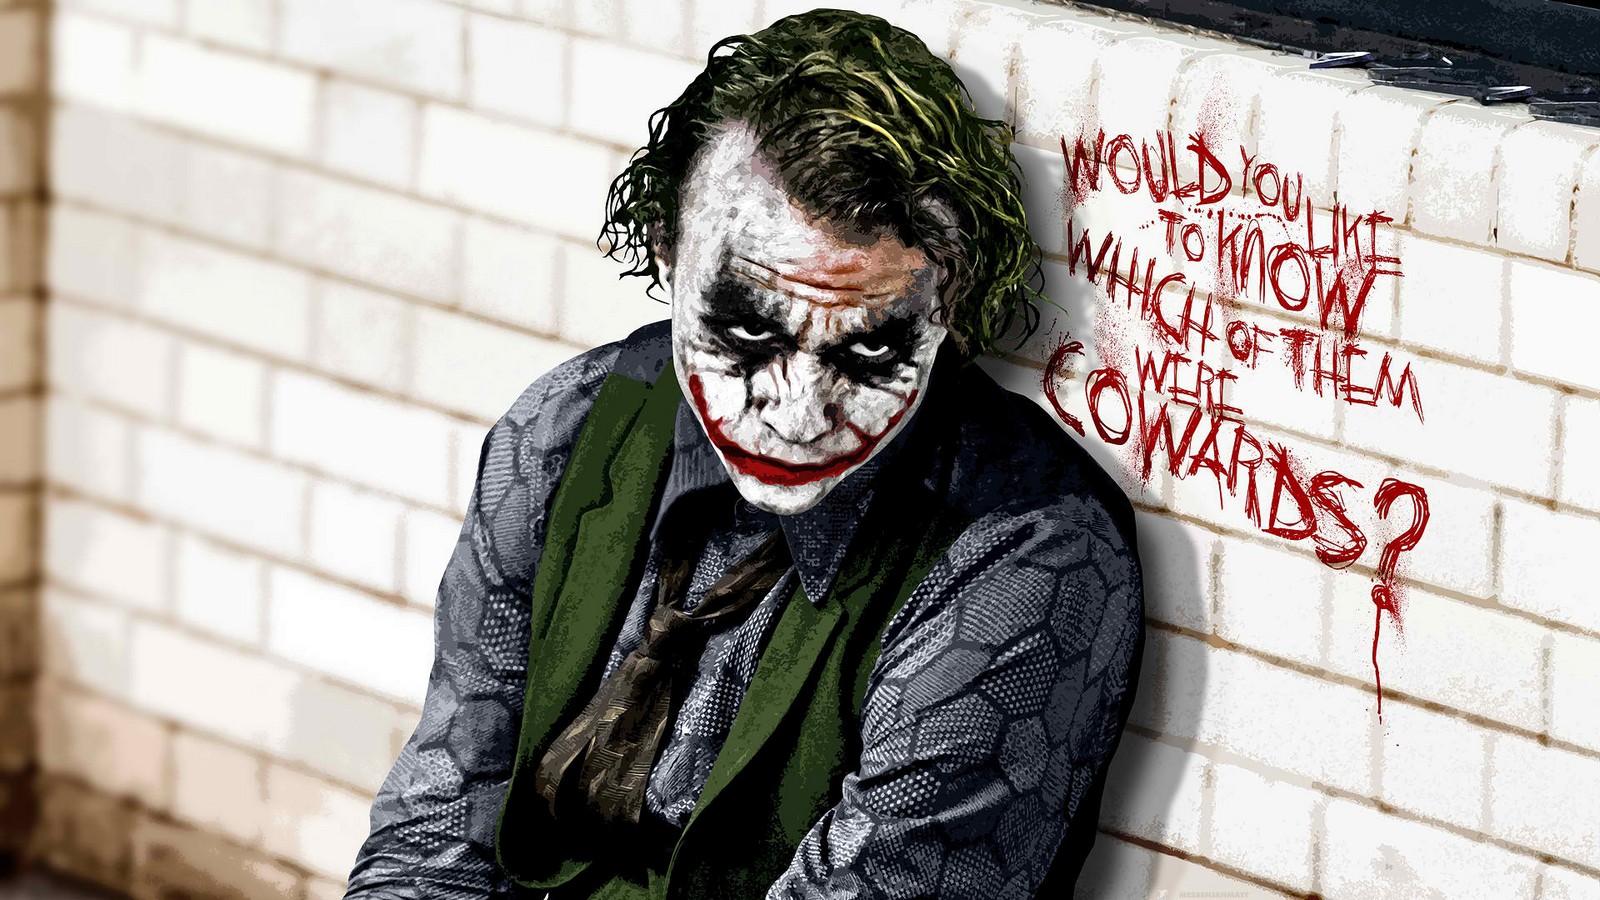 http://2.bp.blogspot.com/-IE-WwkkvZuI/TkLt8XeM1vI/AAAAAAAADdI/qeVYIuYqtn8/s1600/batman-joker-the-dark-knight-01.jpg